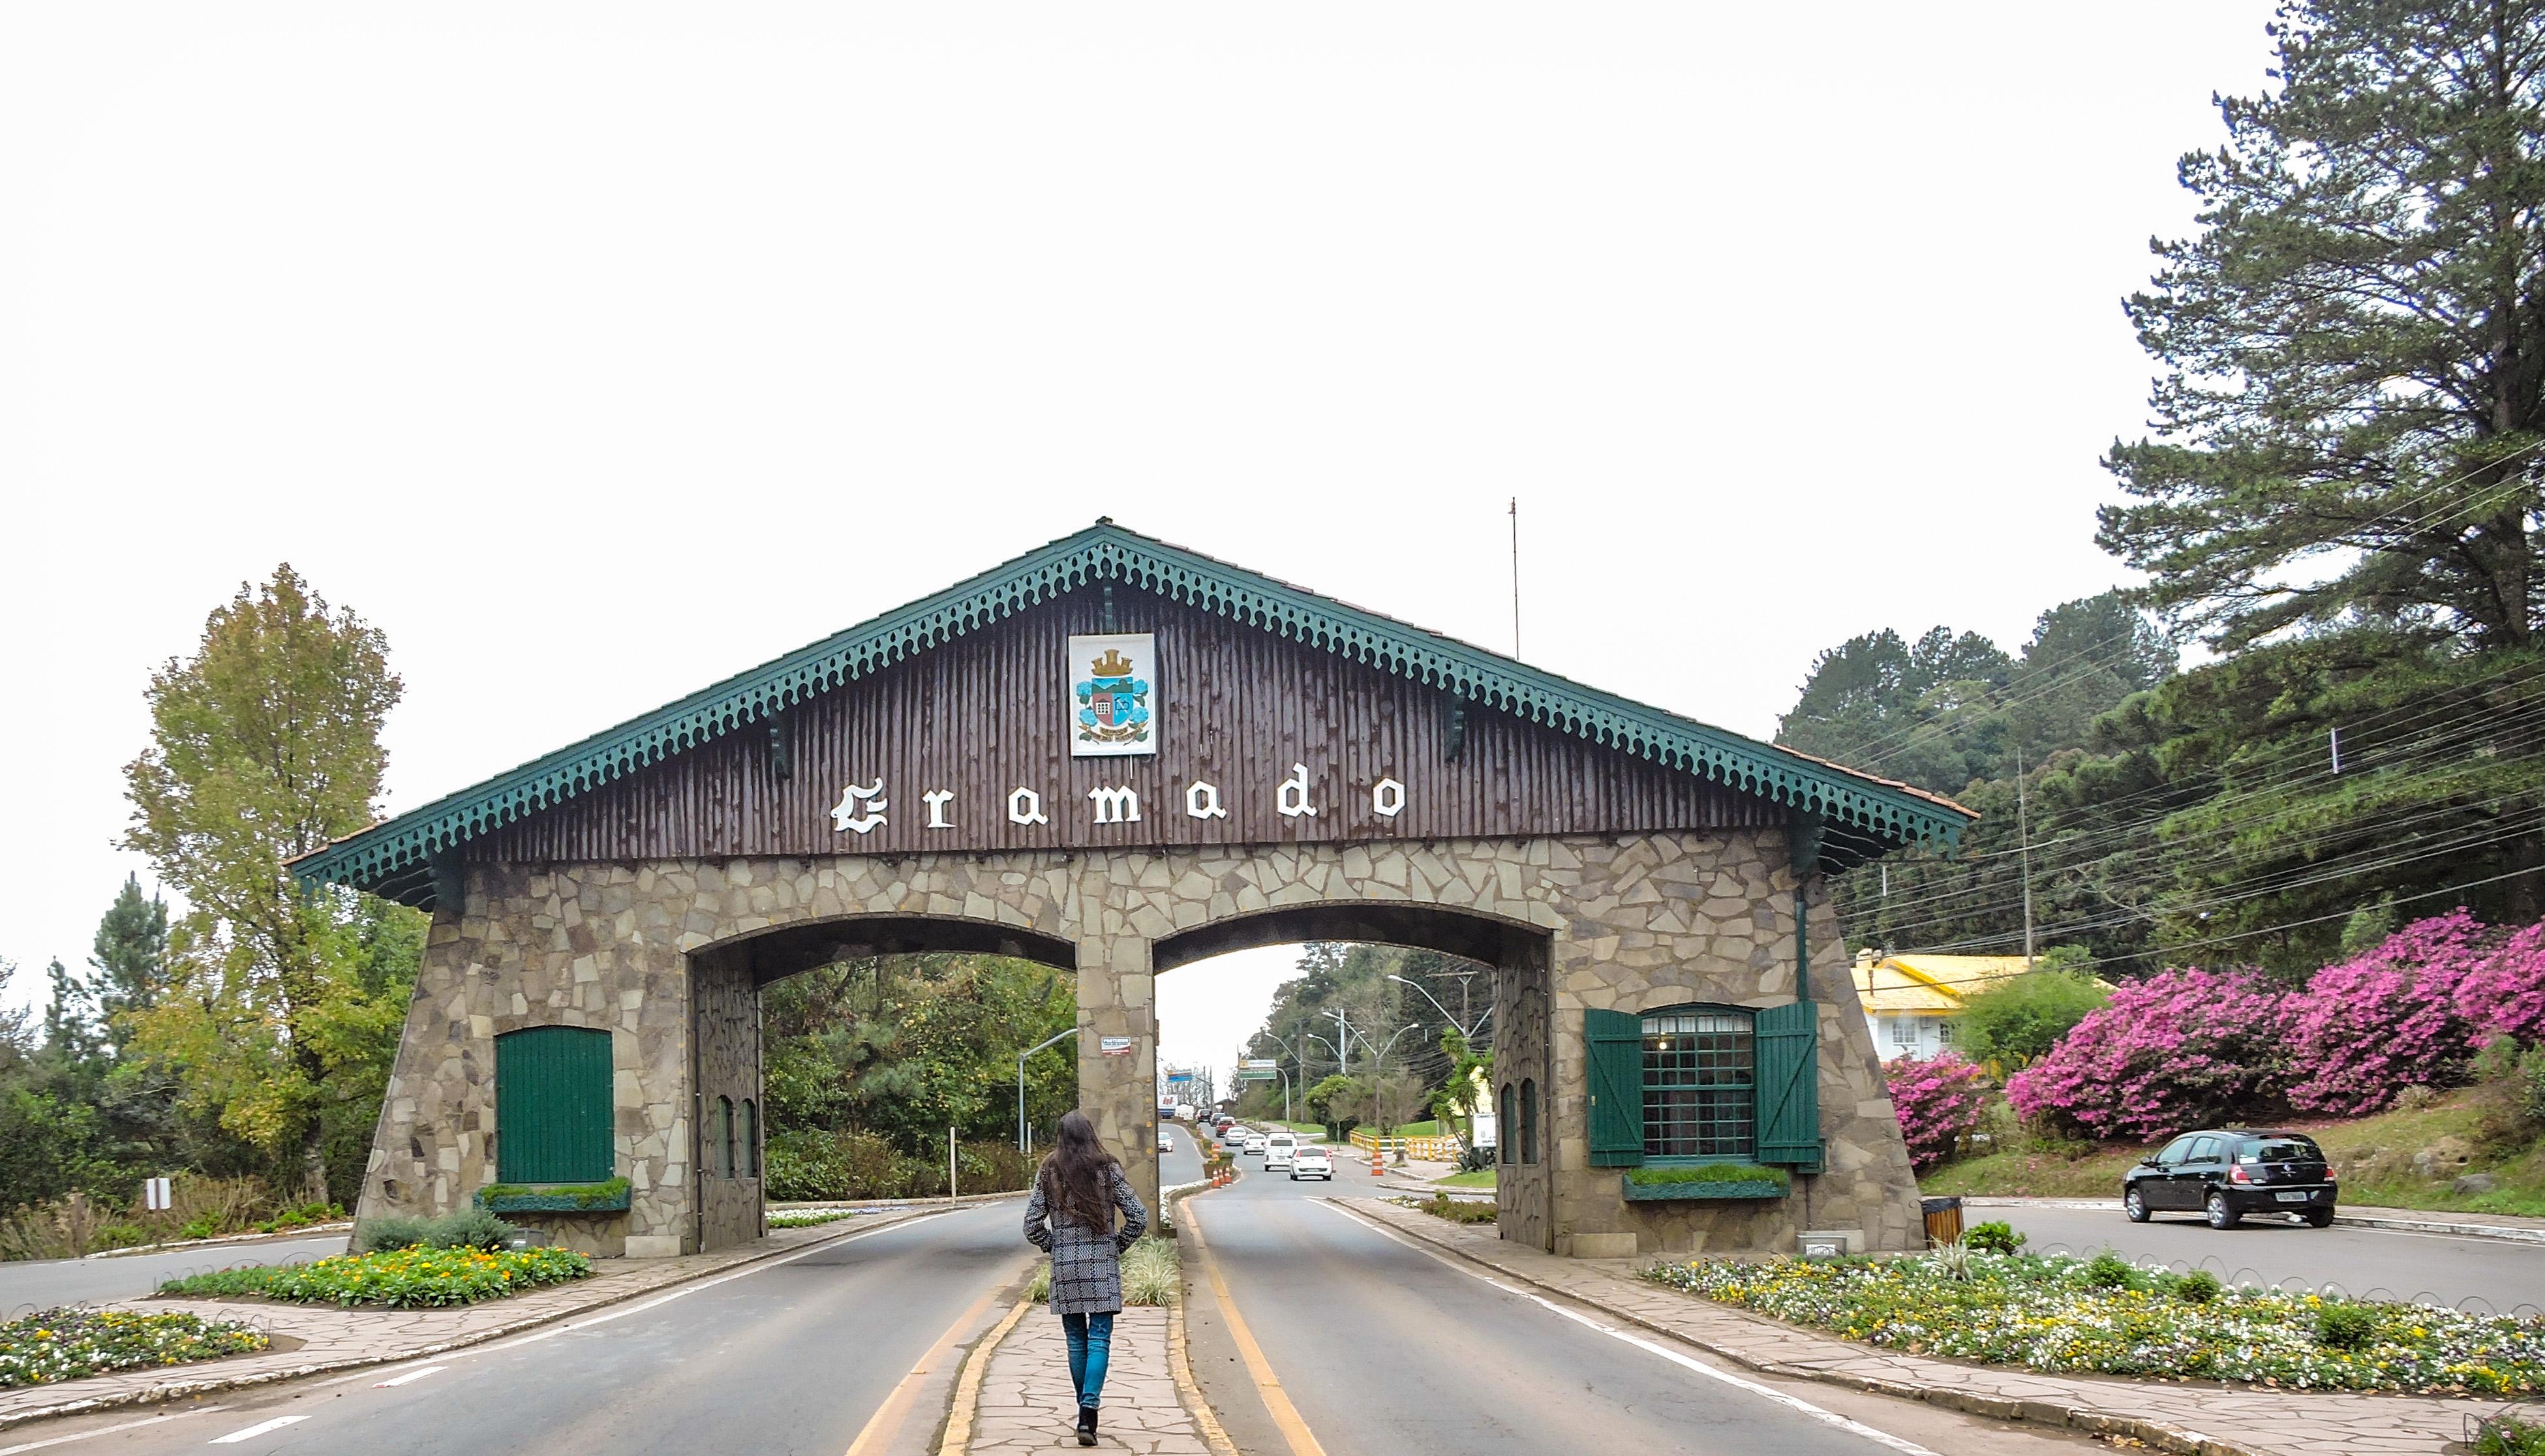 Pórtico Gramado Via Nova Petrópolis